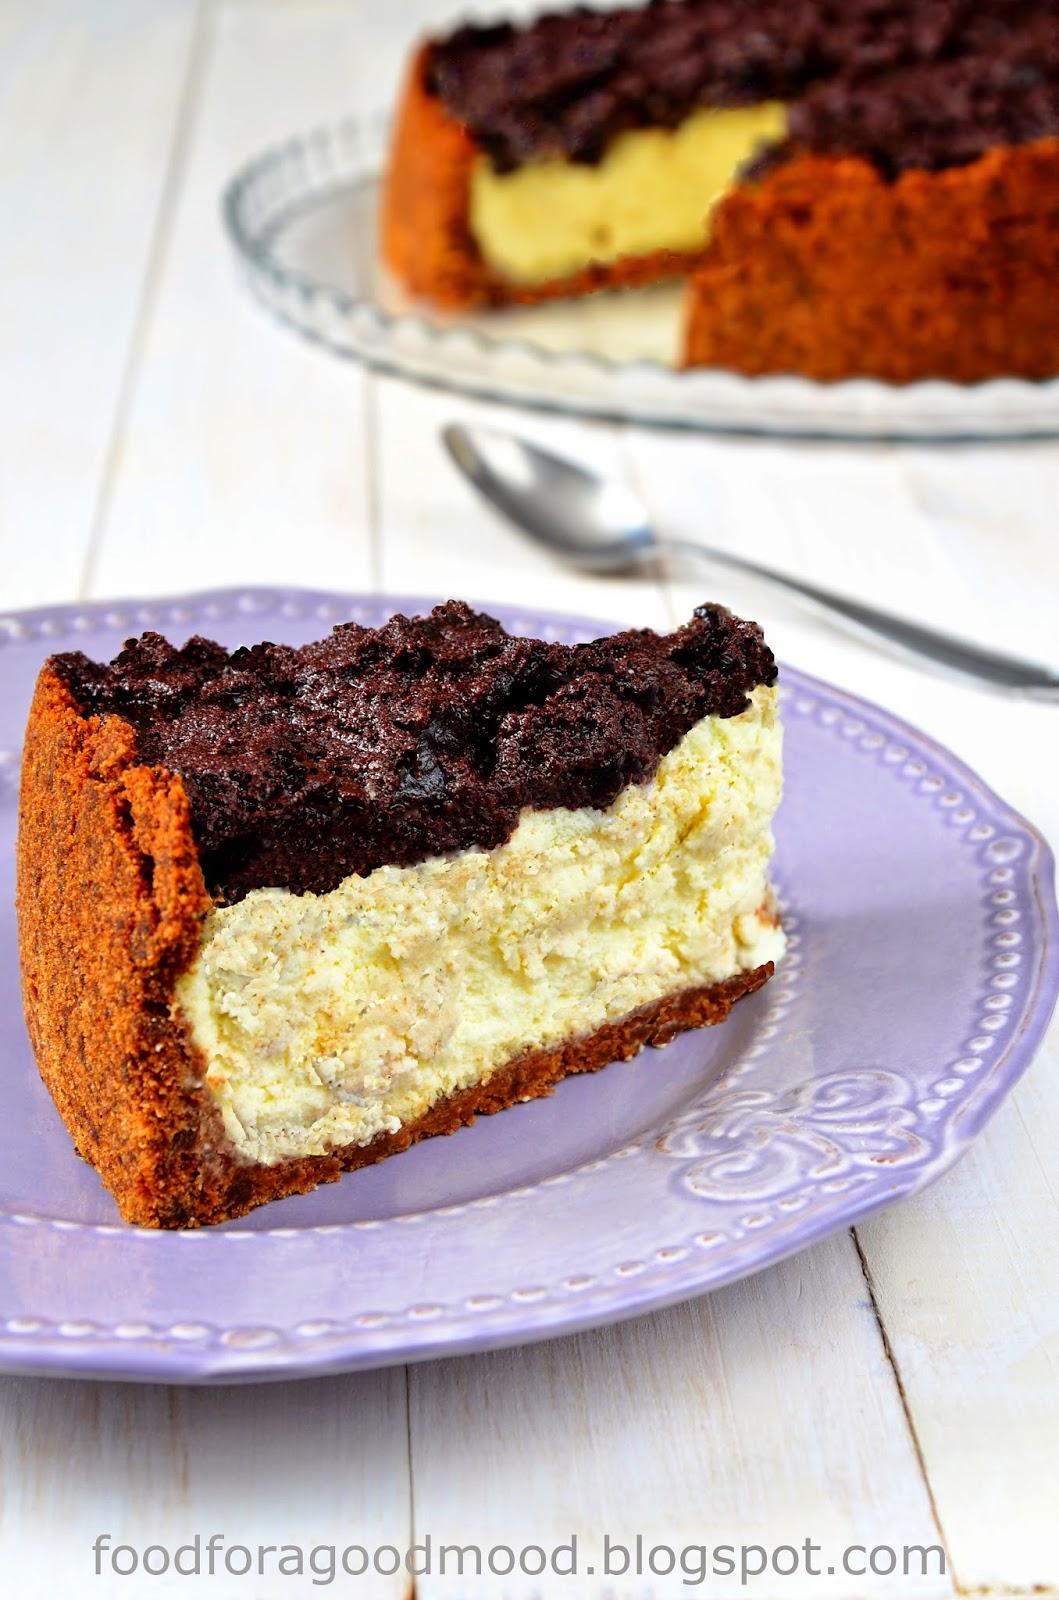 Prawdziwie zimowy smak w sernikowym wydaniu. Korzenny spód, waniliowo – kremowe wypełnienie, a na wierzchu śliwka skąpana w czekoladzie. To ciasto naprawdę zaskakuje i… Uwaga! Może uzależnić…